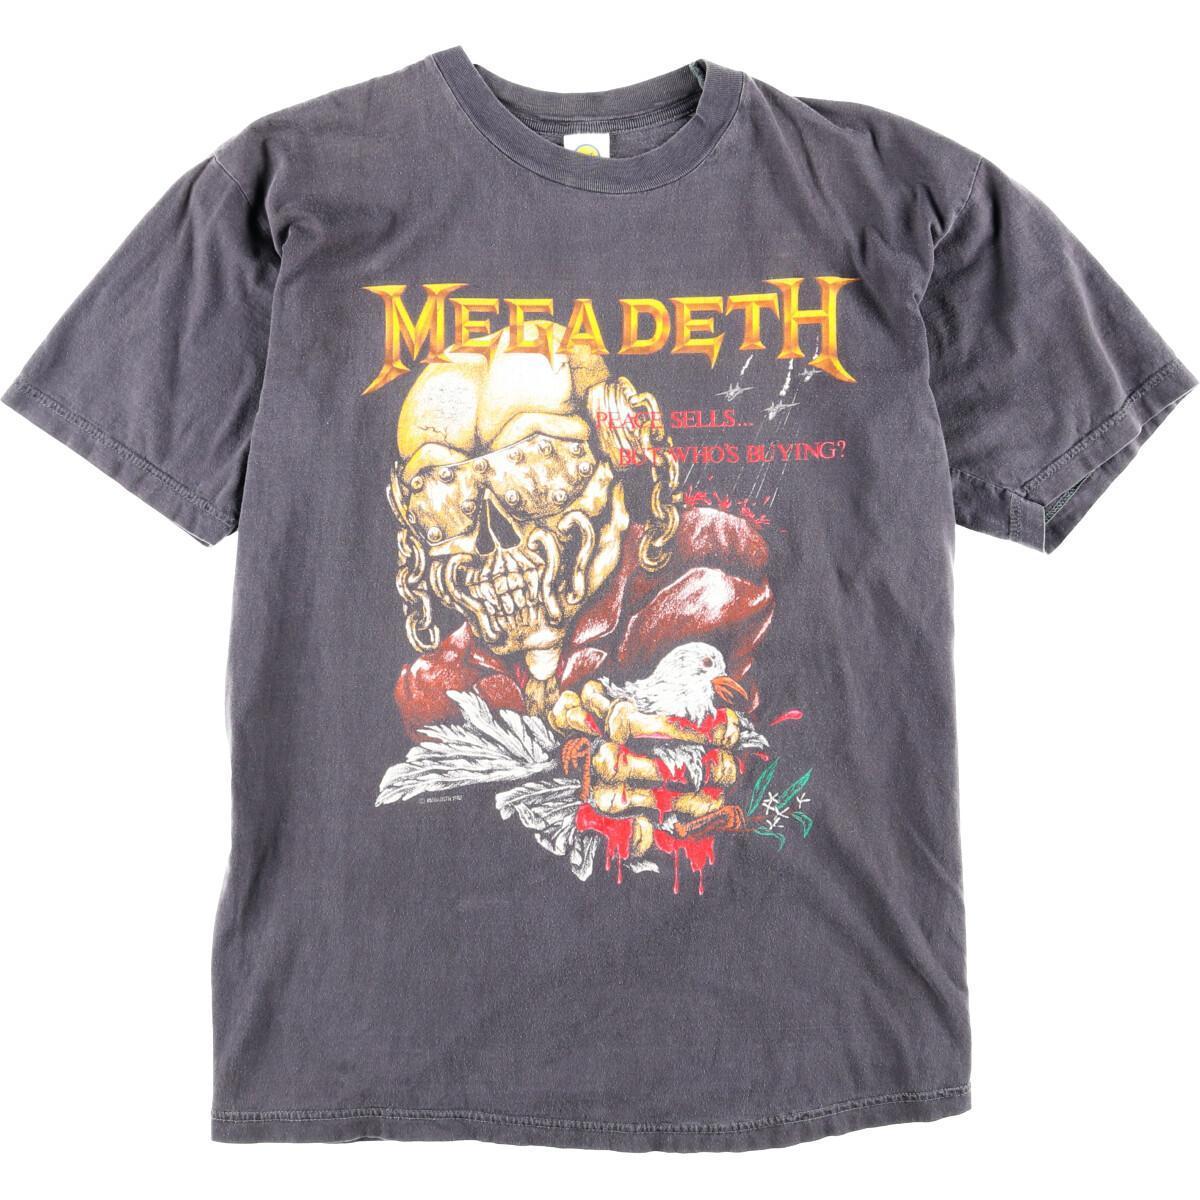 80年代 Supa Tees MEGADETH メガデス バンドTシャツ メンズXL ヴィンテージ /wbj1699 【中古】 【200223】【VTG】